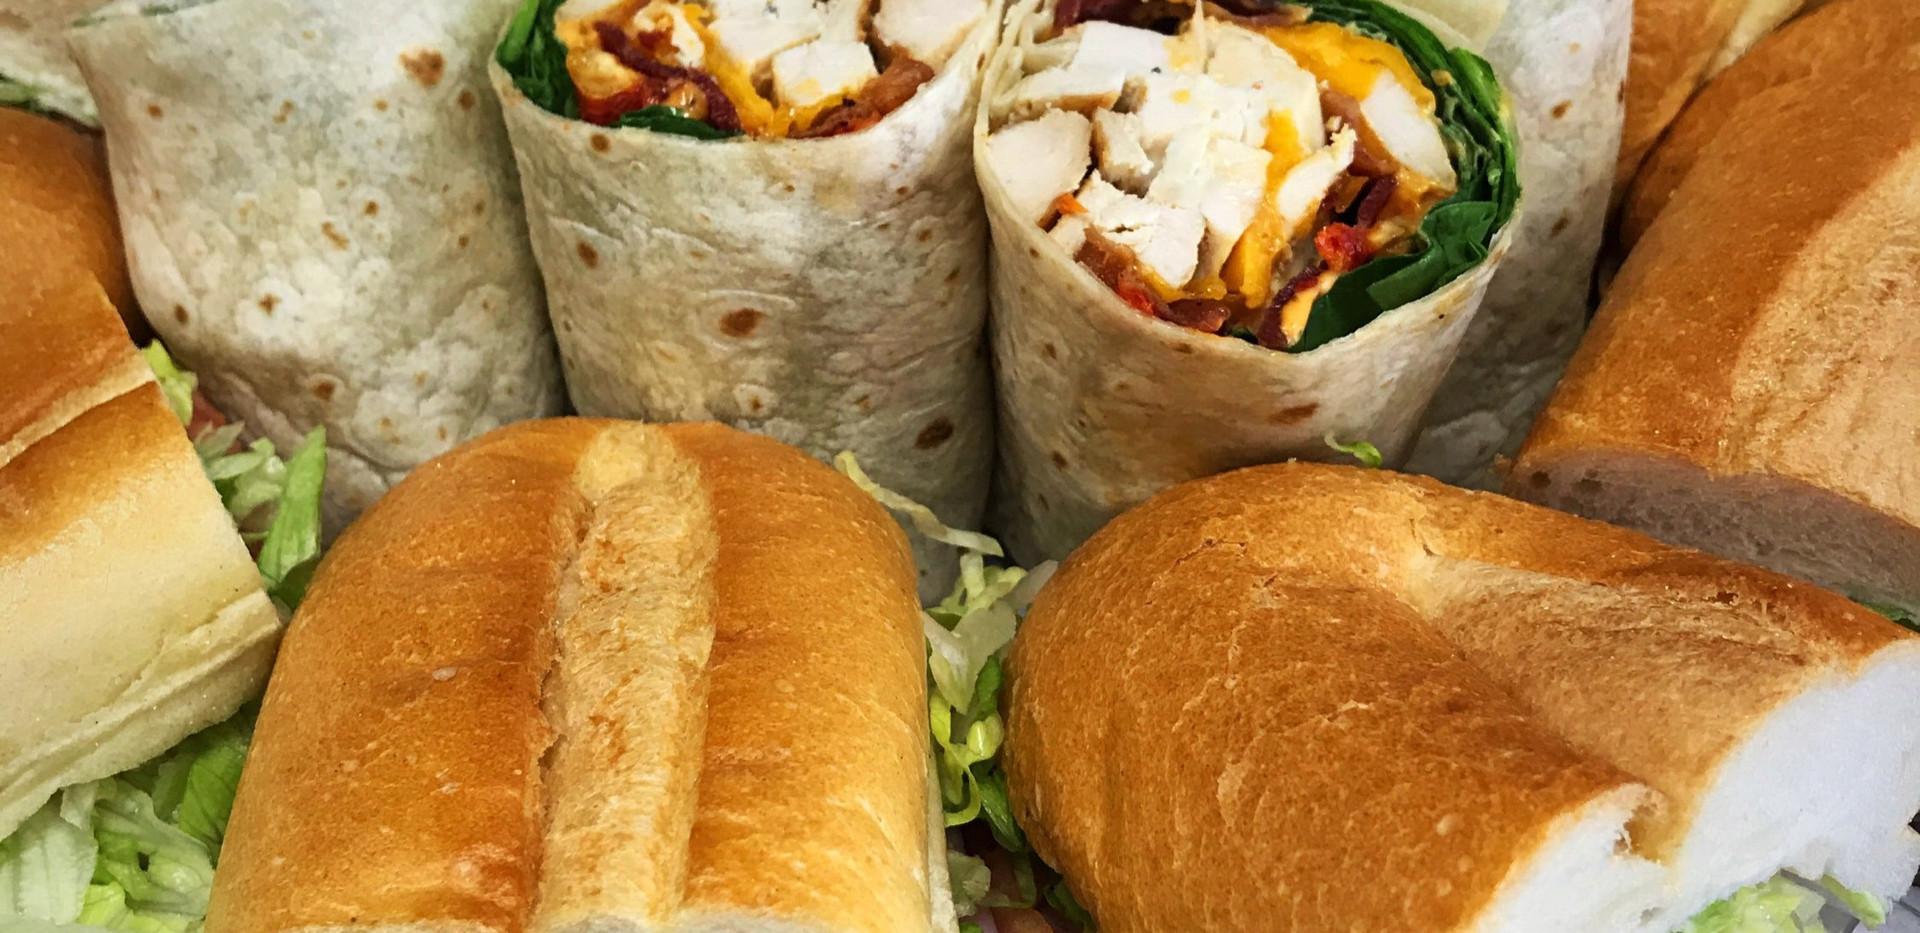 sandwich-wrap-catering.jpg